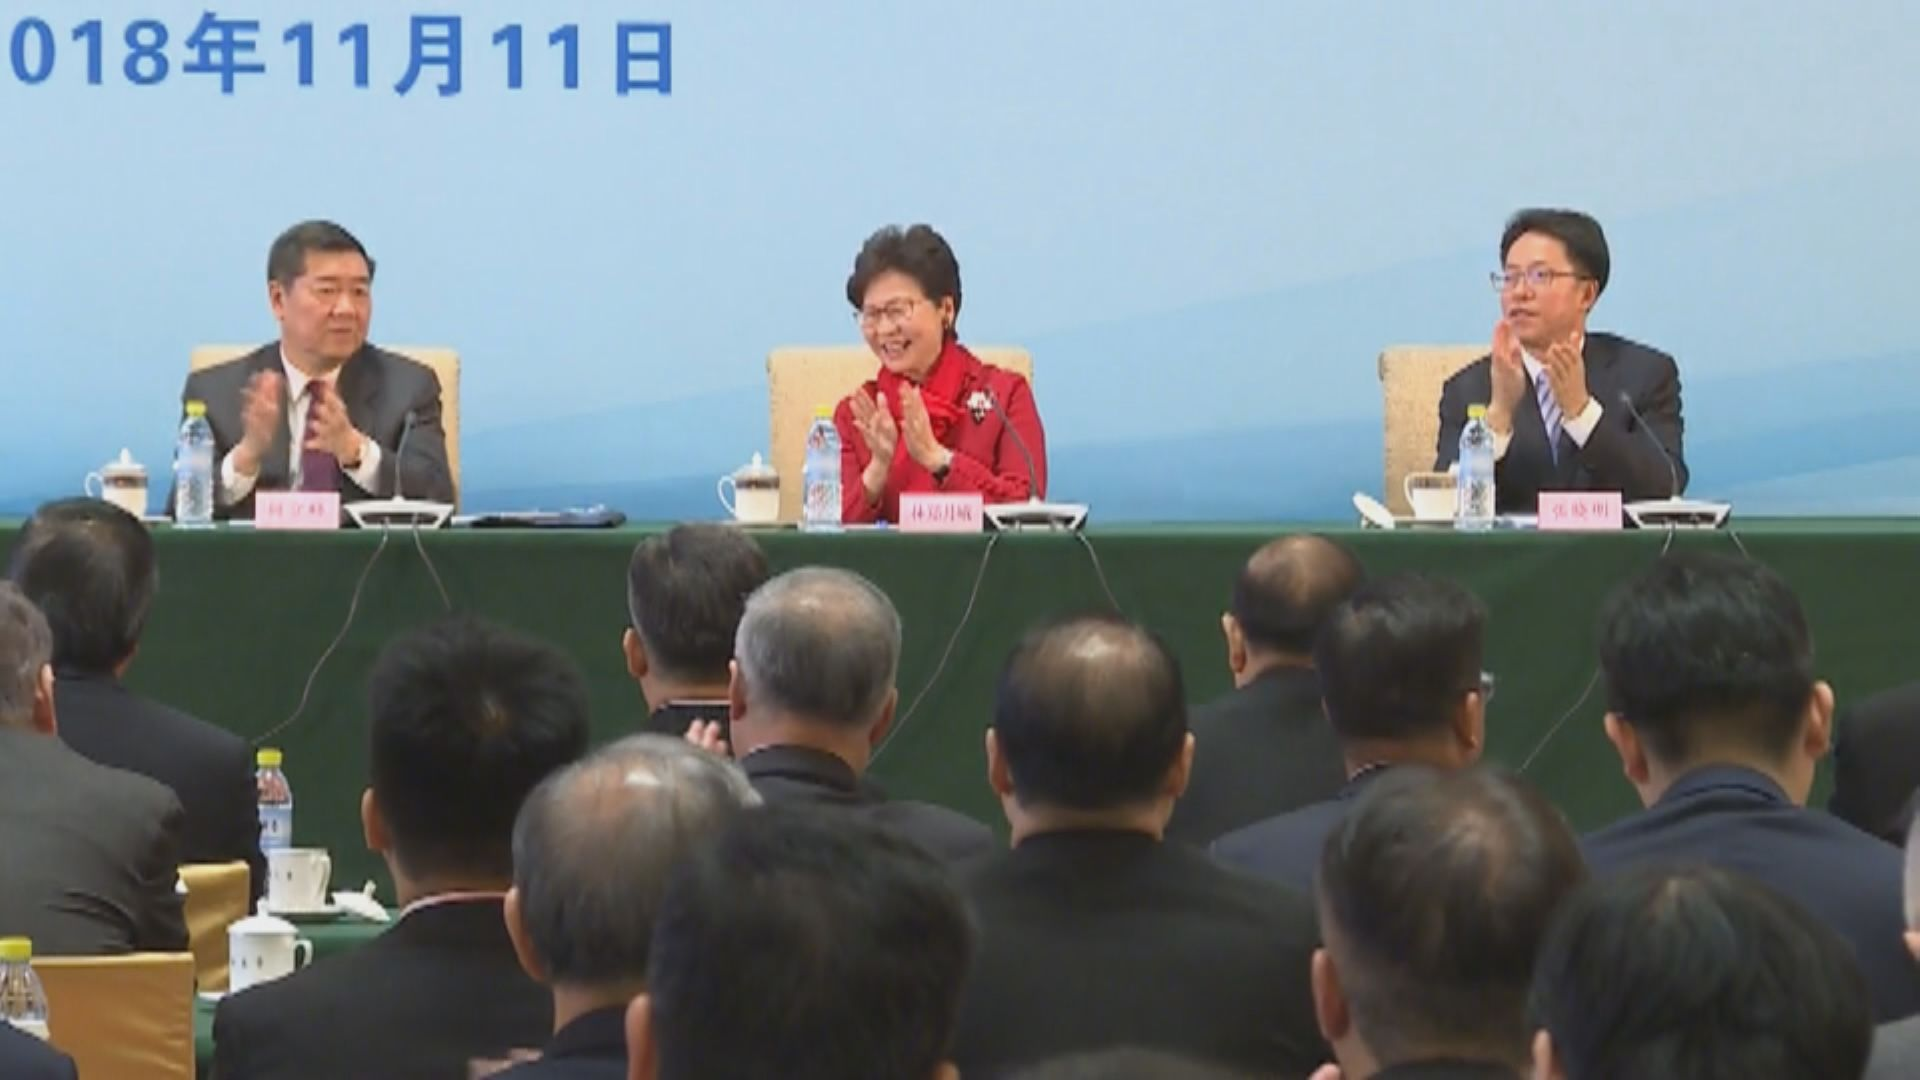 林鄭月娥:改革開放香港既貢獻亦受惠